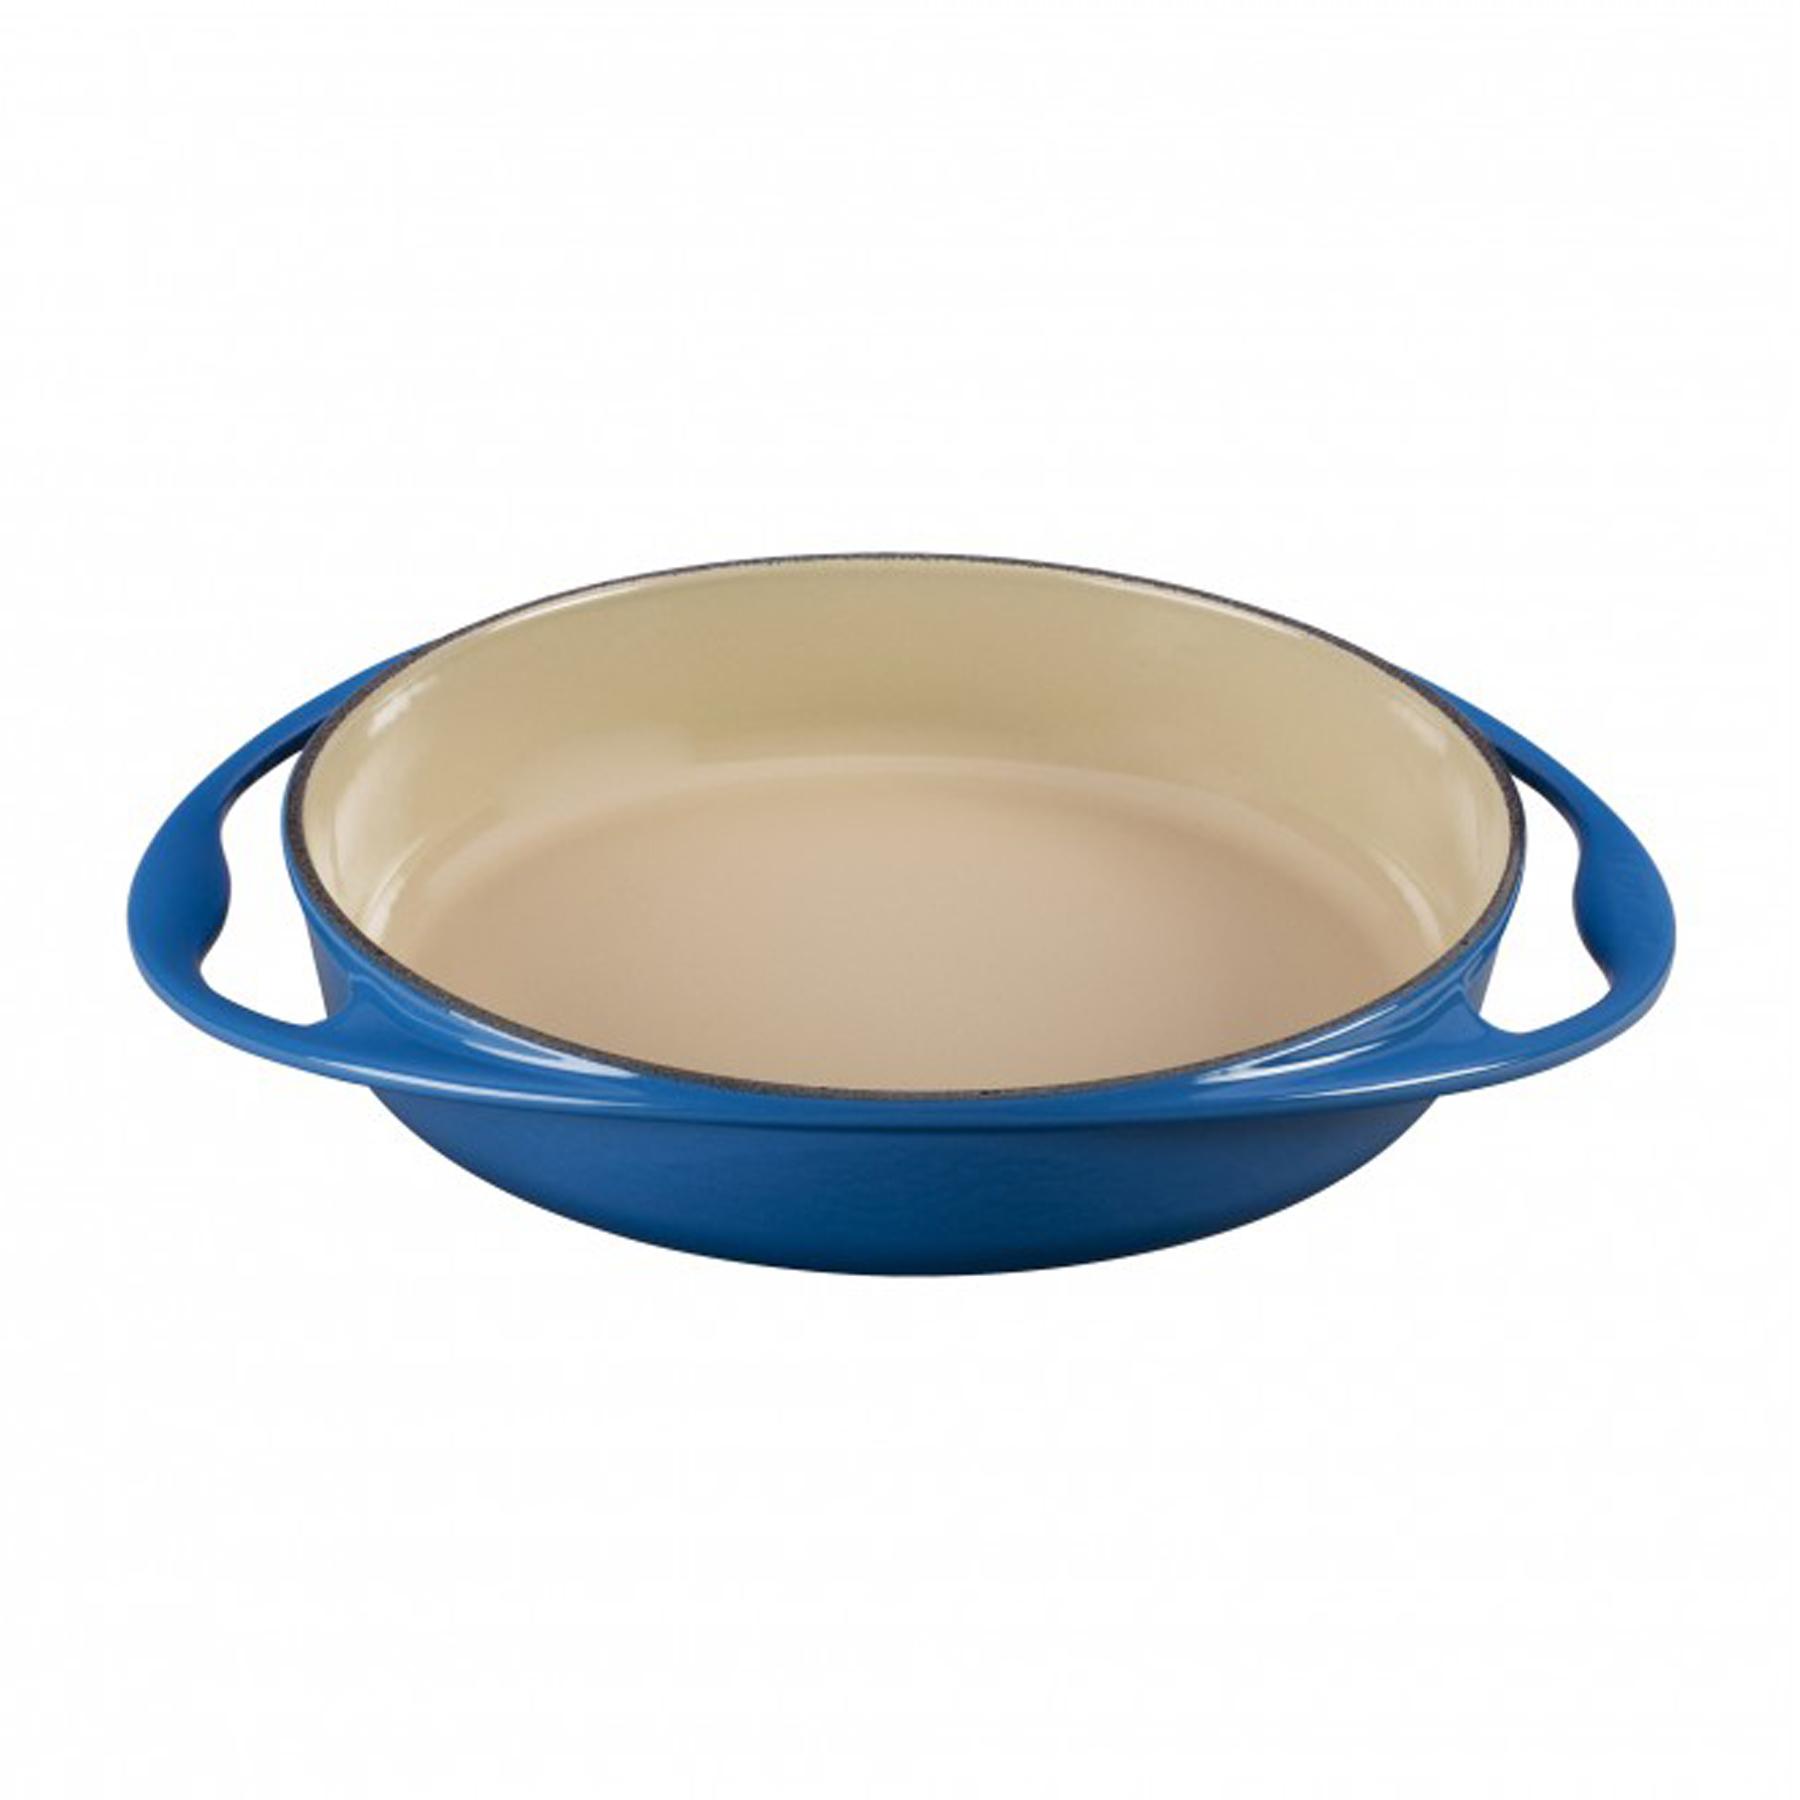 Cast Iron Tarte Tatin Dish Marseille Blue